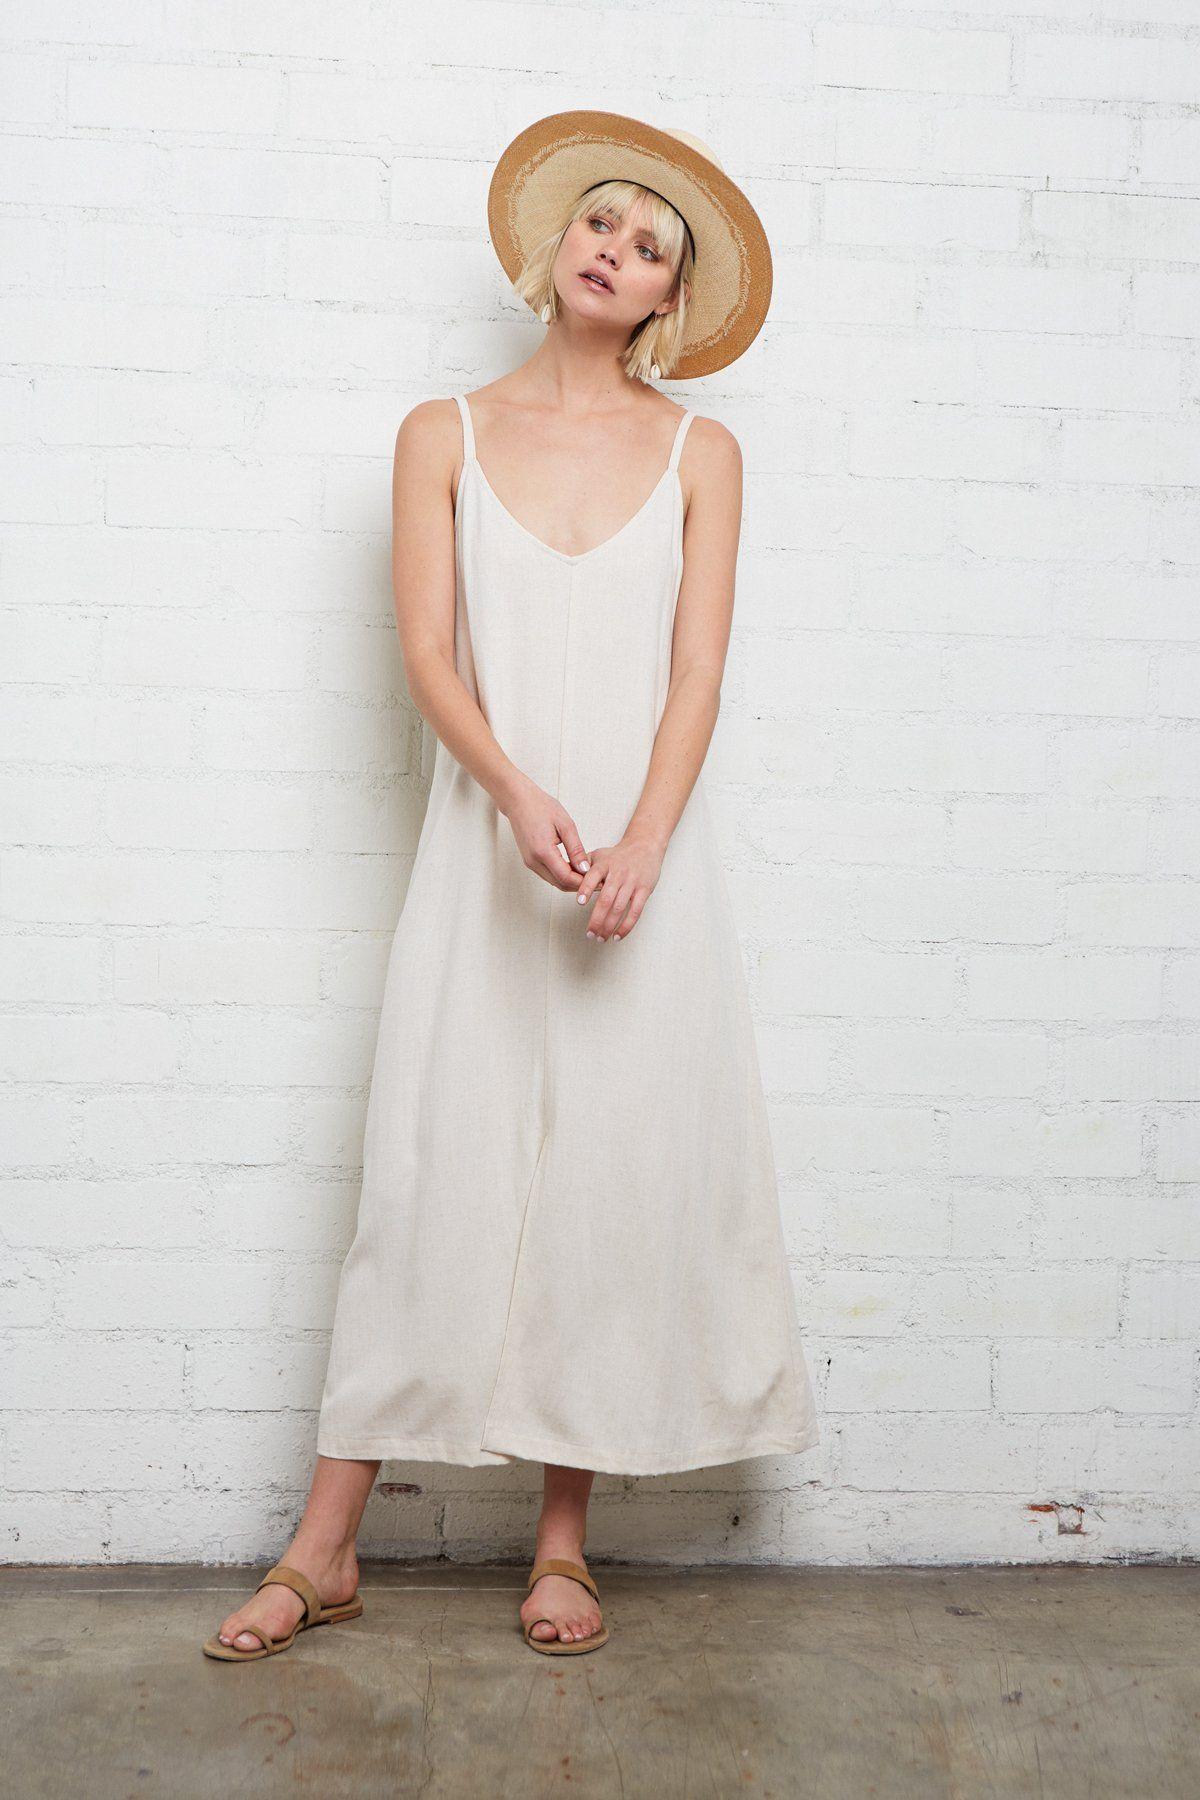 Linen Tallulah Dress In 2020 Linen Slip Dress Casual White Dress Summer Linen Dresses